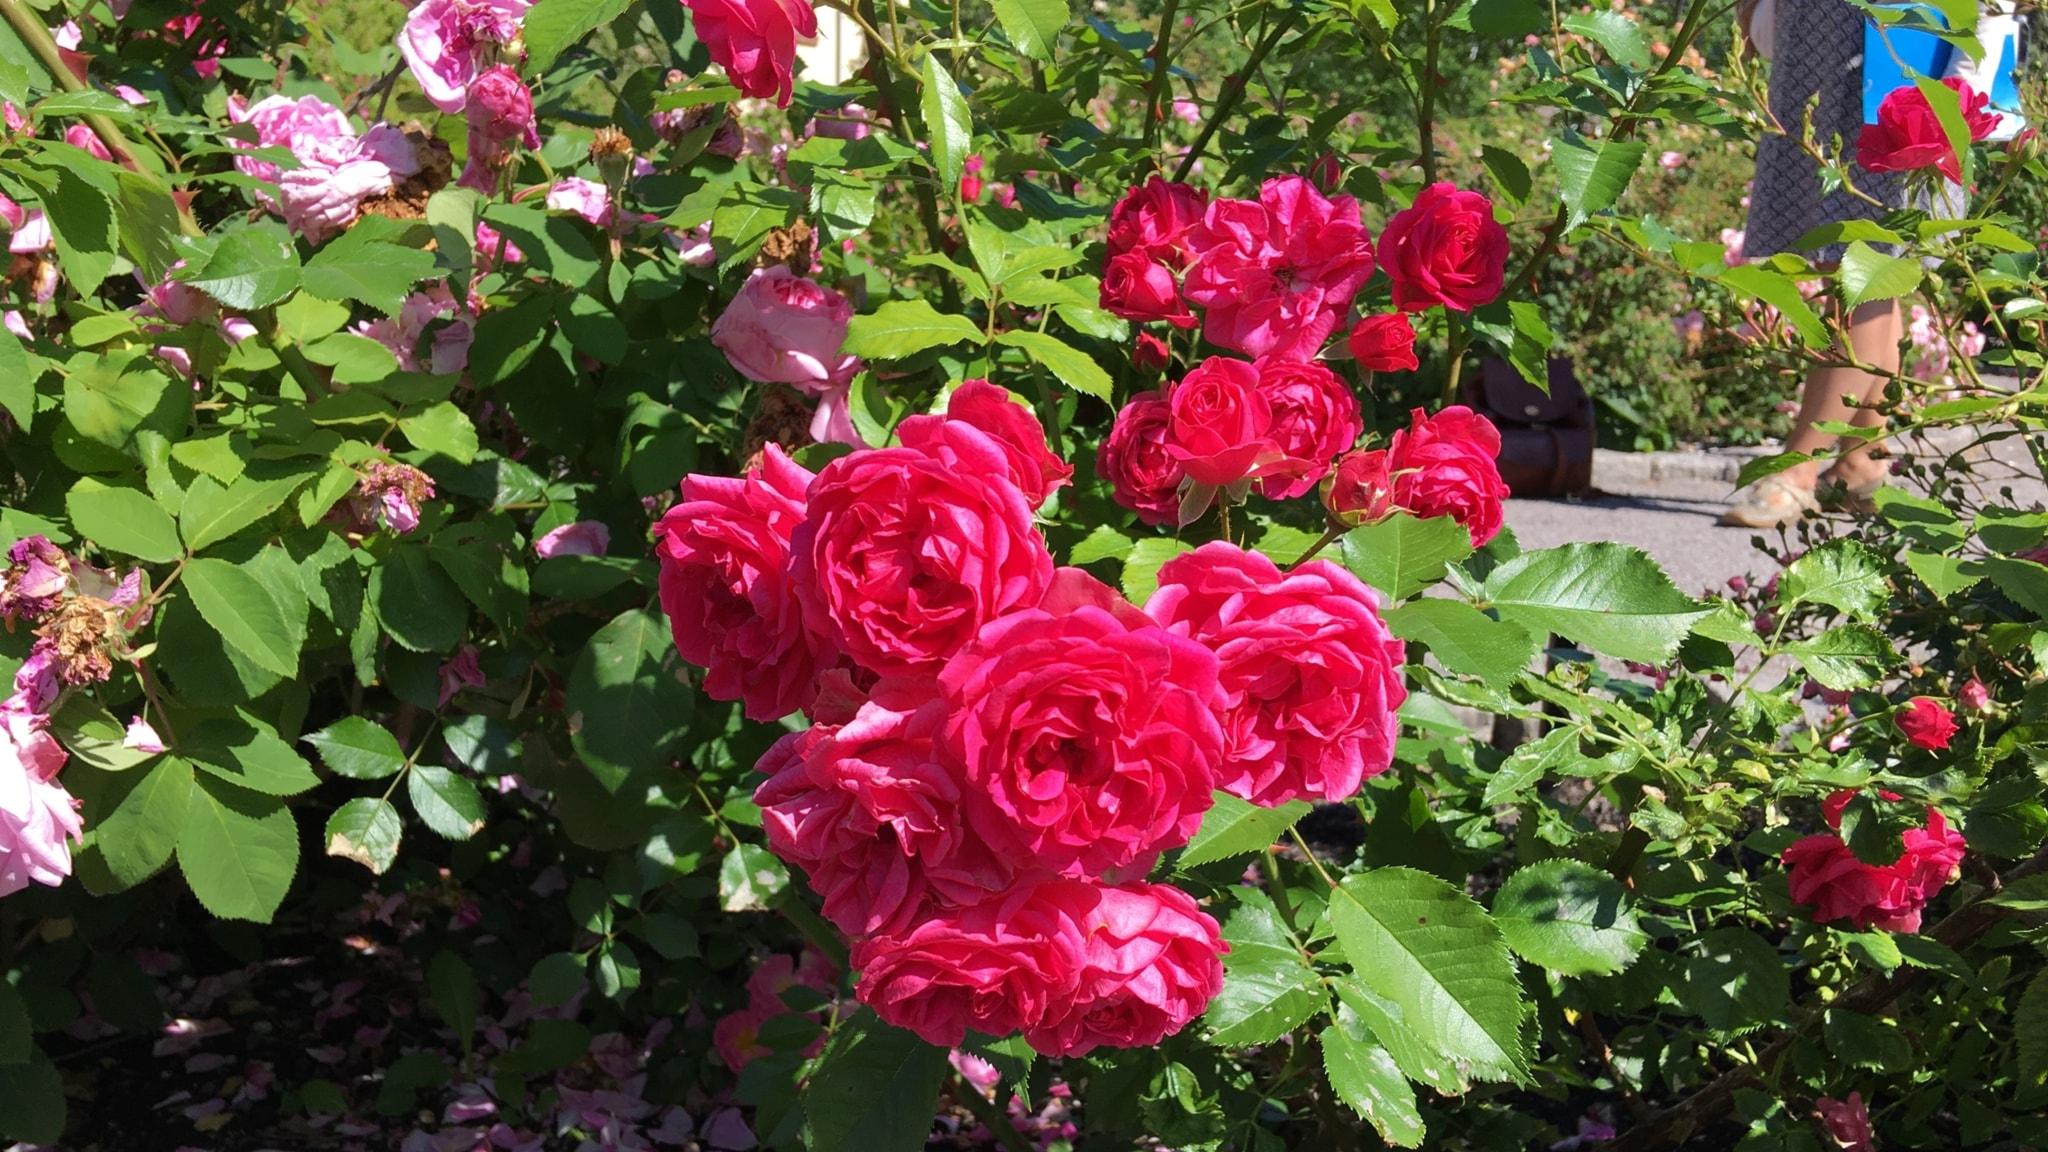 Levyseppä tarjoaa sekä ruusuja että rautalankaa